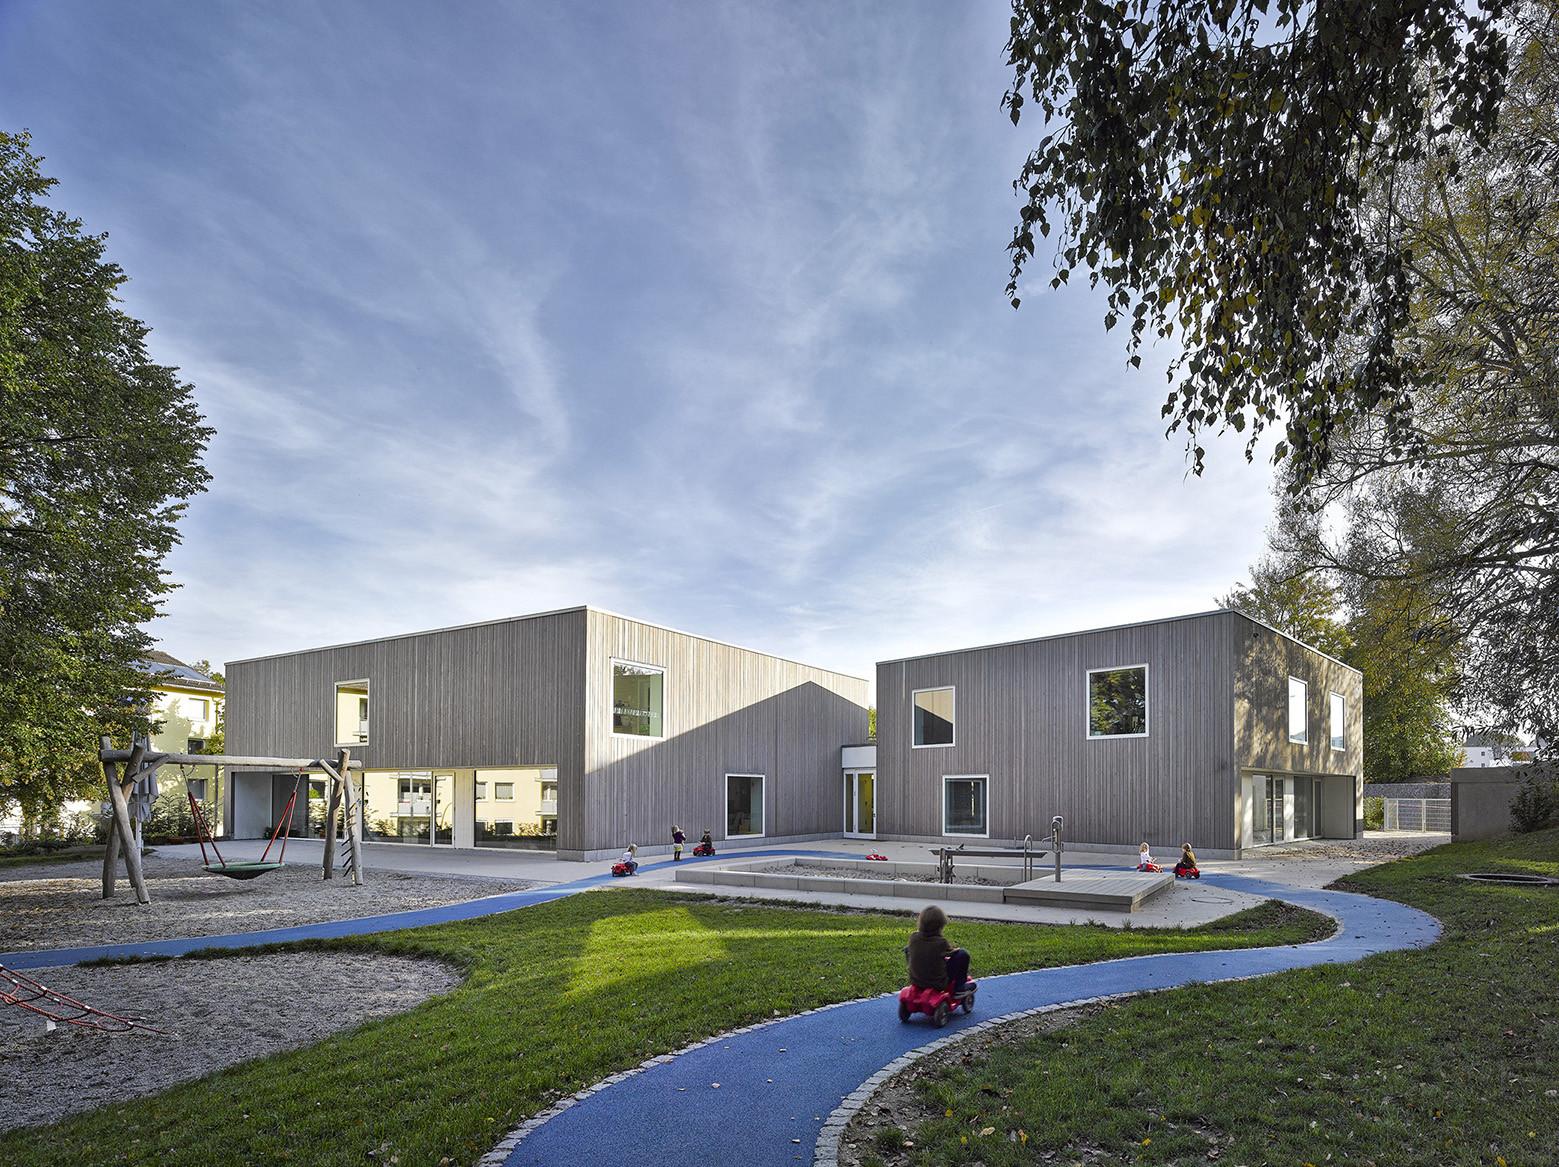 Familienzentrum im Steinpark Kindergarten / nbundm, © Florian Schreiber